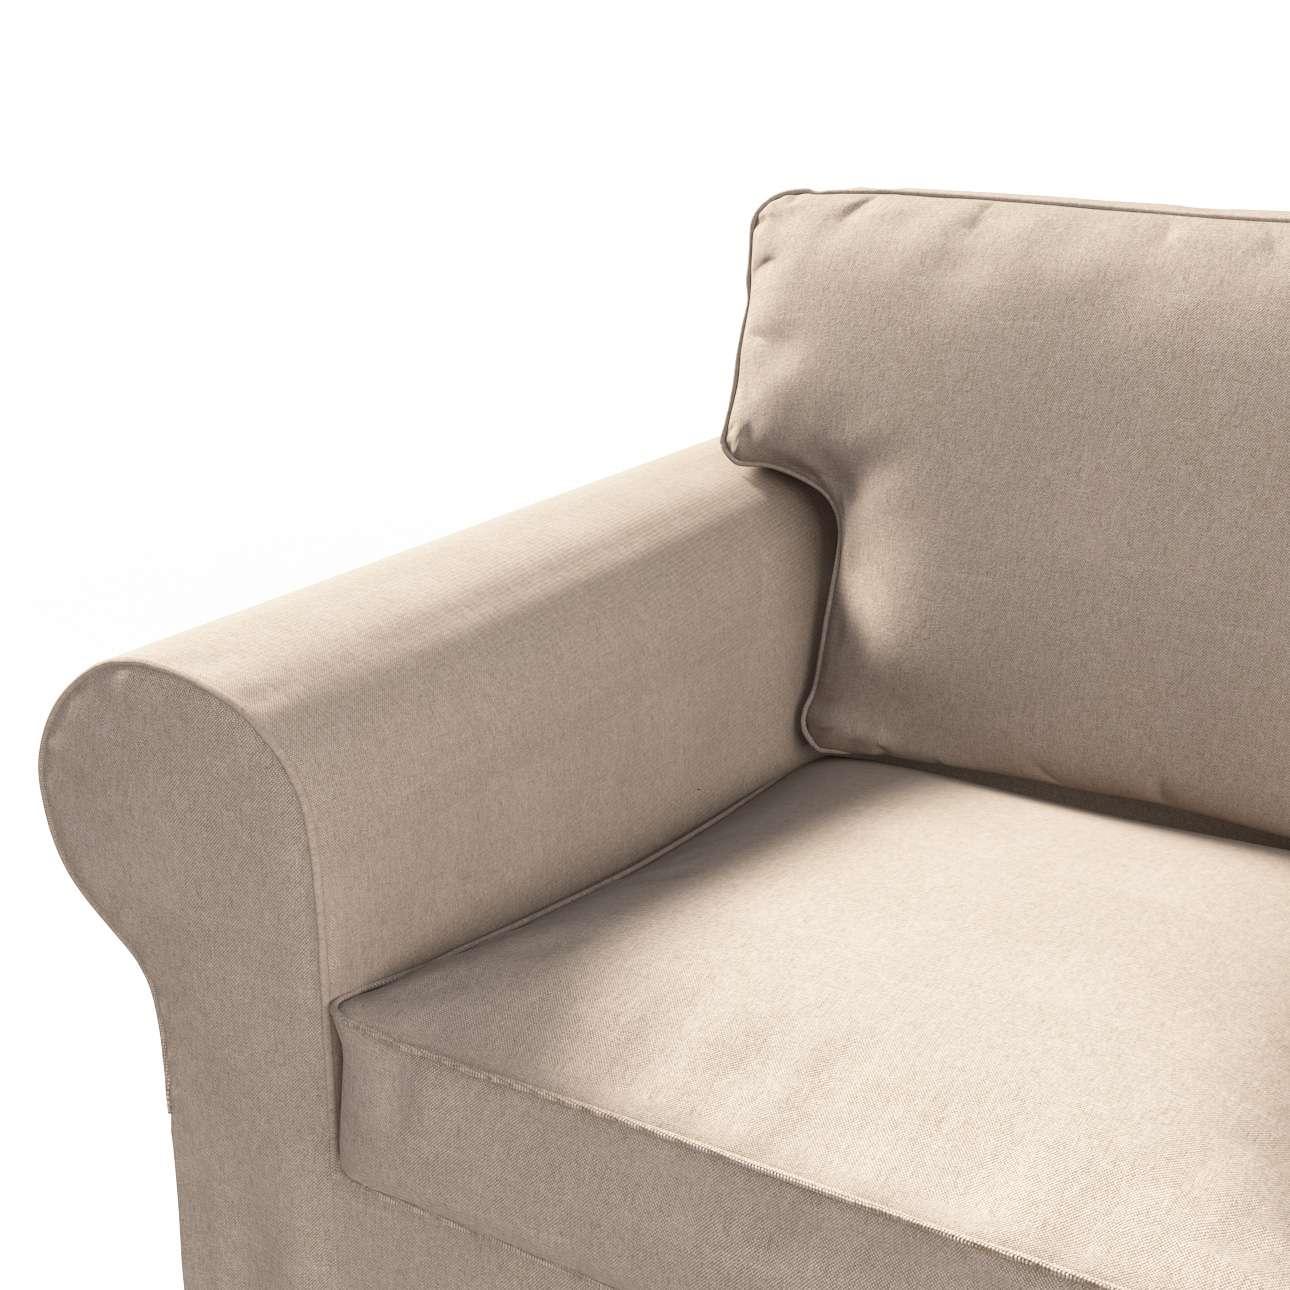 Pokrowiec na sofę Ektorp 2-osobową, rozkładaną STARY MODEL Sofa Ektorp 2-osobowa rozkładana w kolekcji Etna , tkanina: 705-09